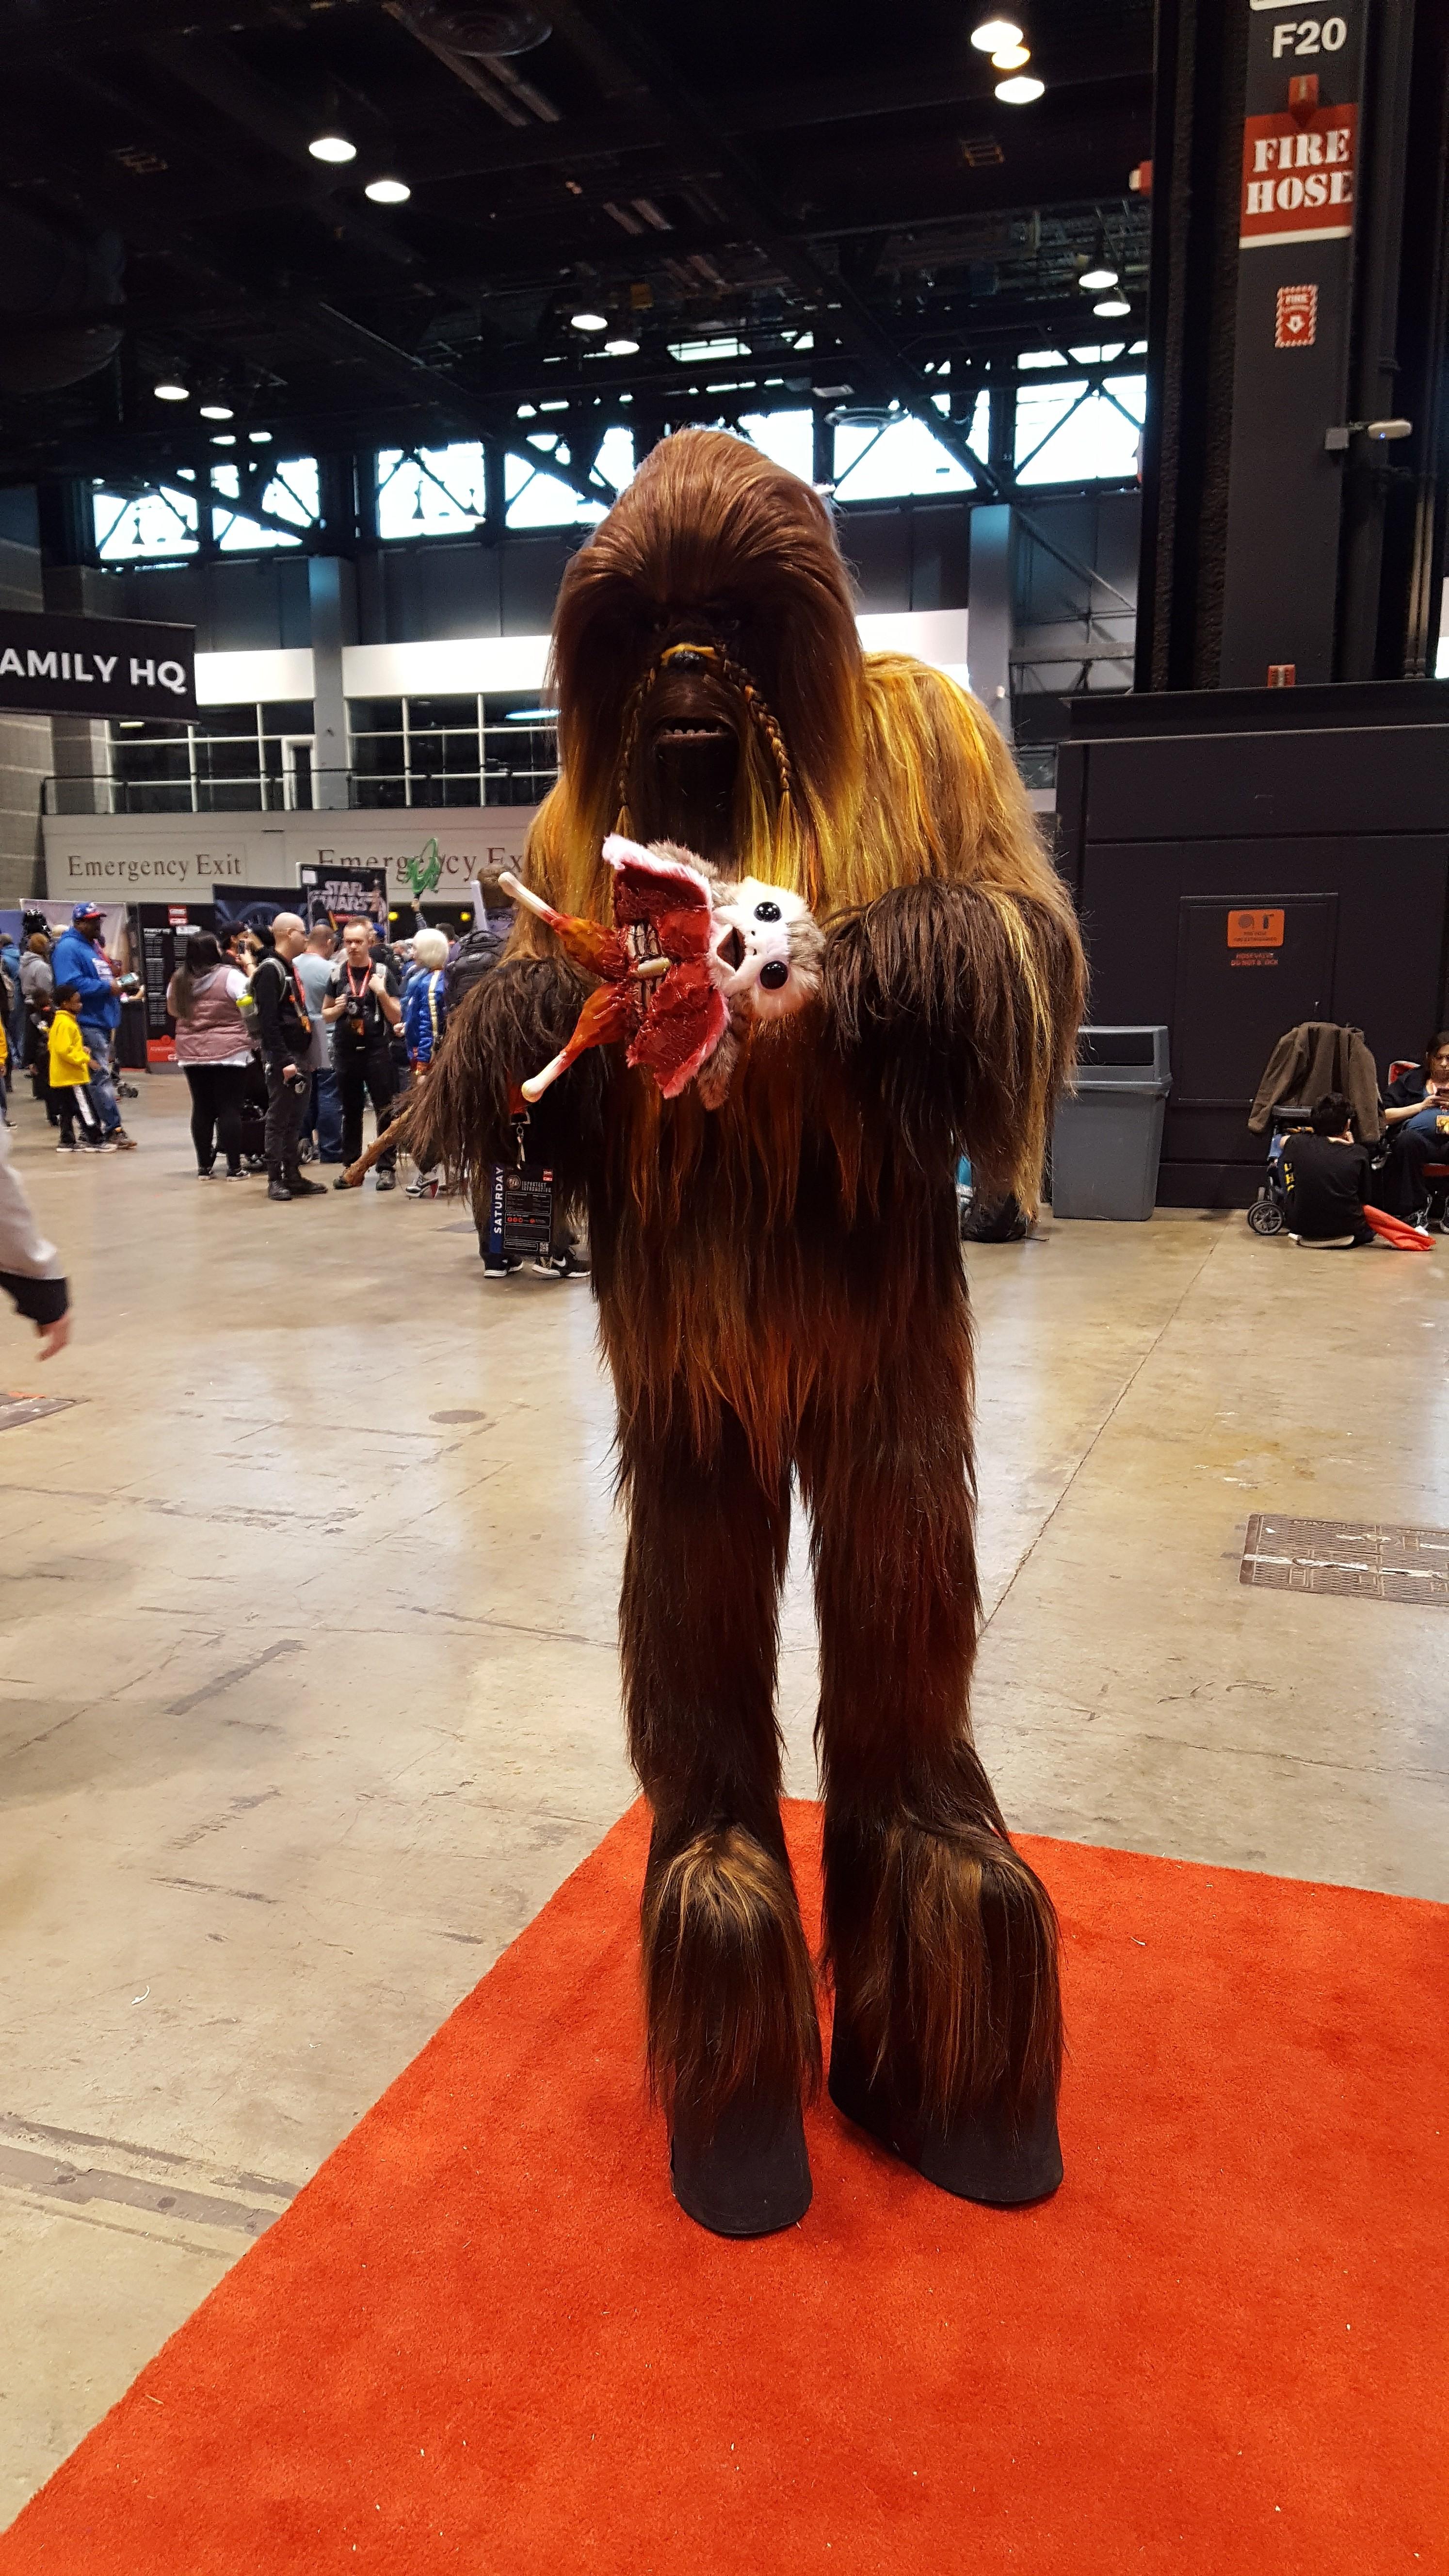 Wookiee, Pork